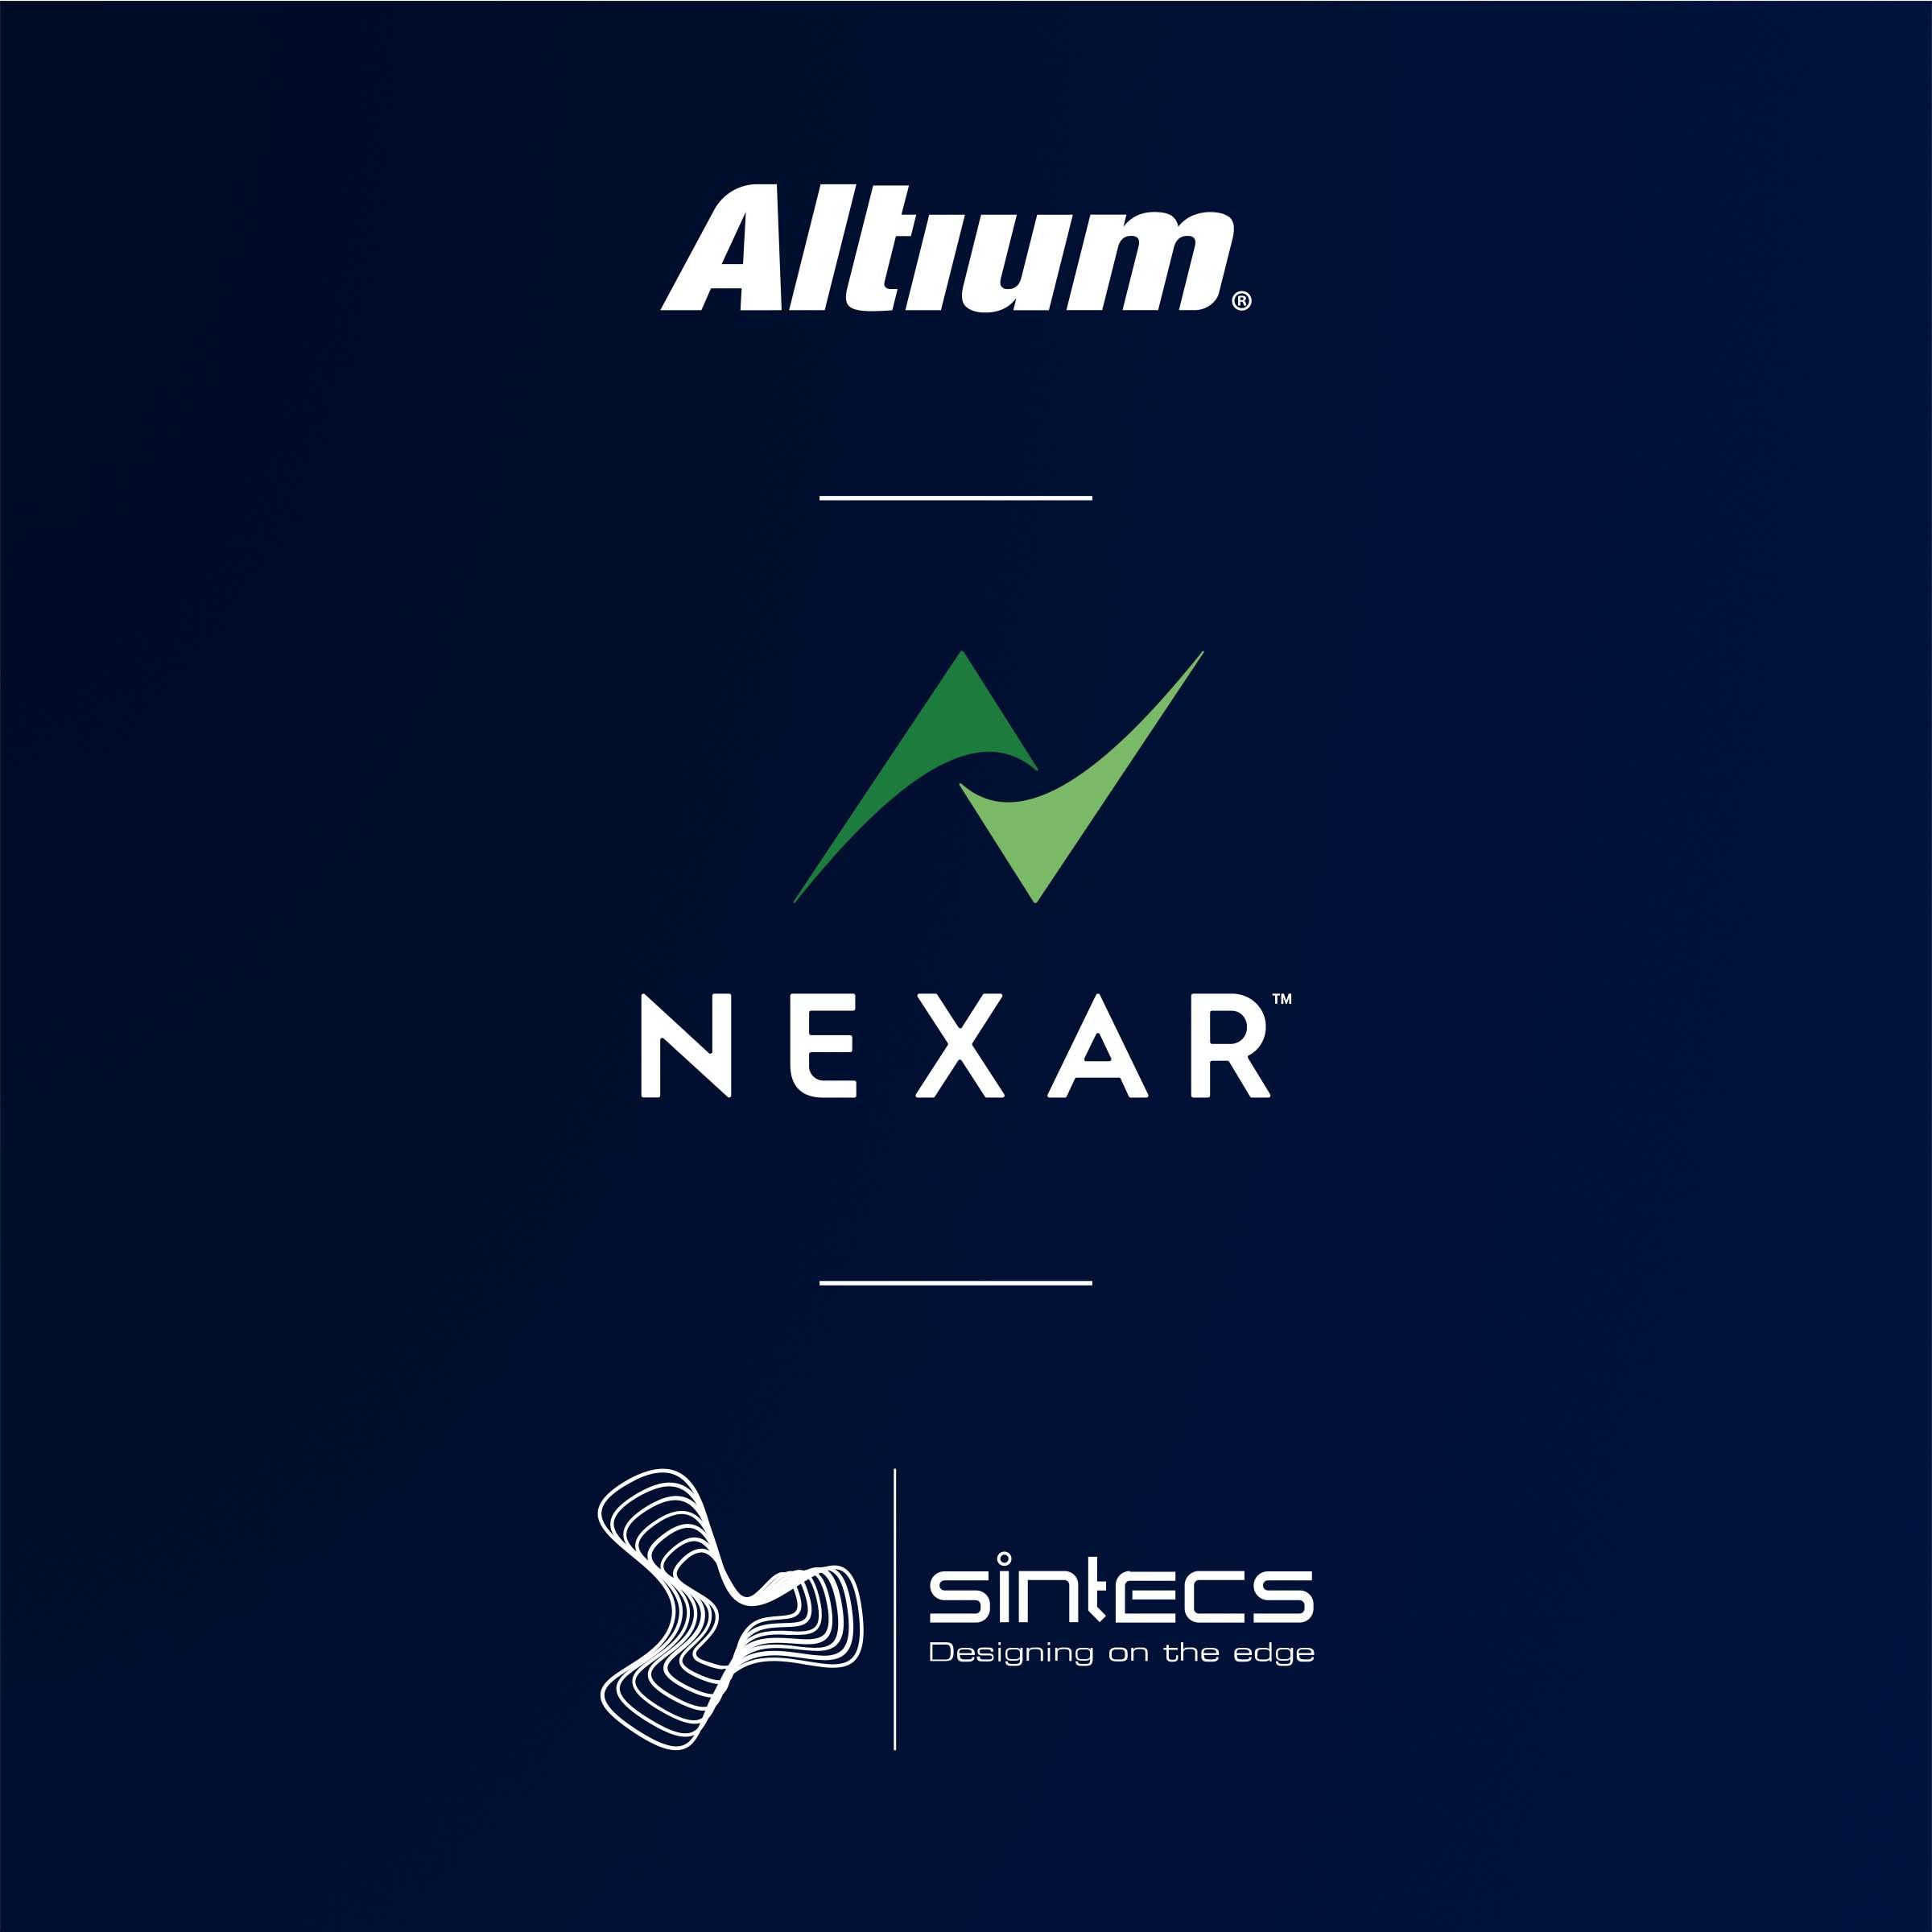 Sintecs Joins Altium's Nexar Ecosystem